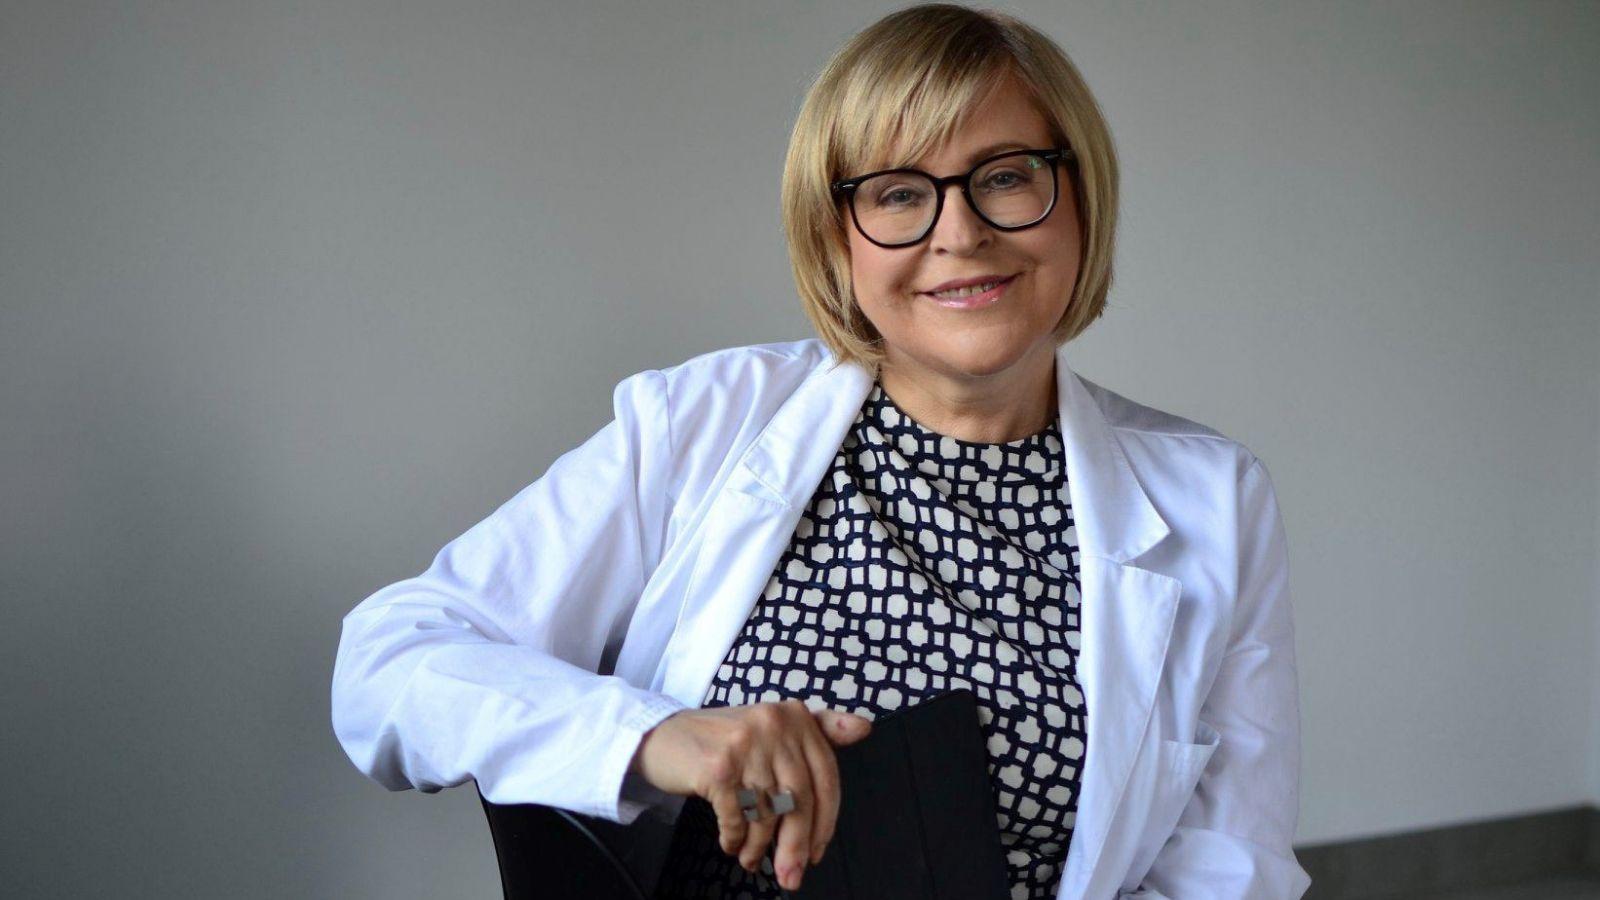 Катерина Амосова, доктор медичних наук, кардіолог, професор внутрішньої медицини, екс-ректорка Медичного університету імені Богомольця